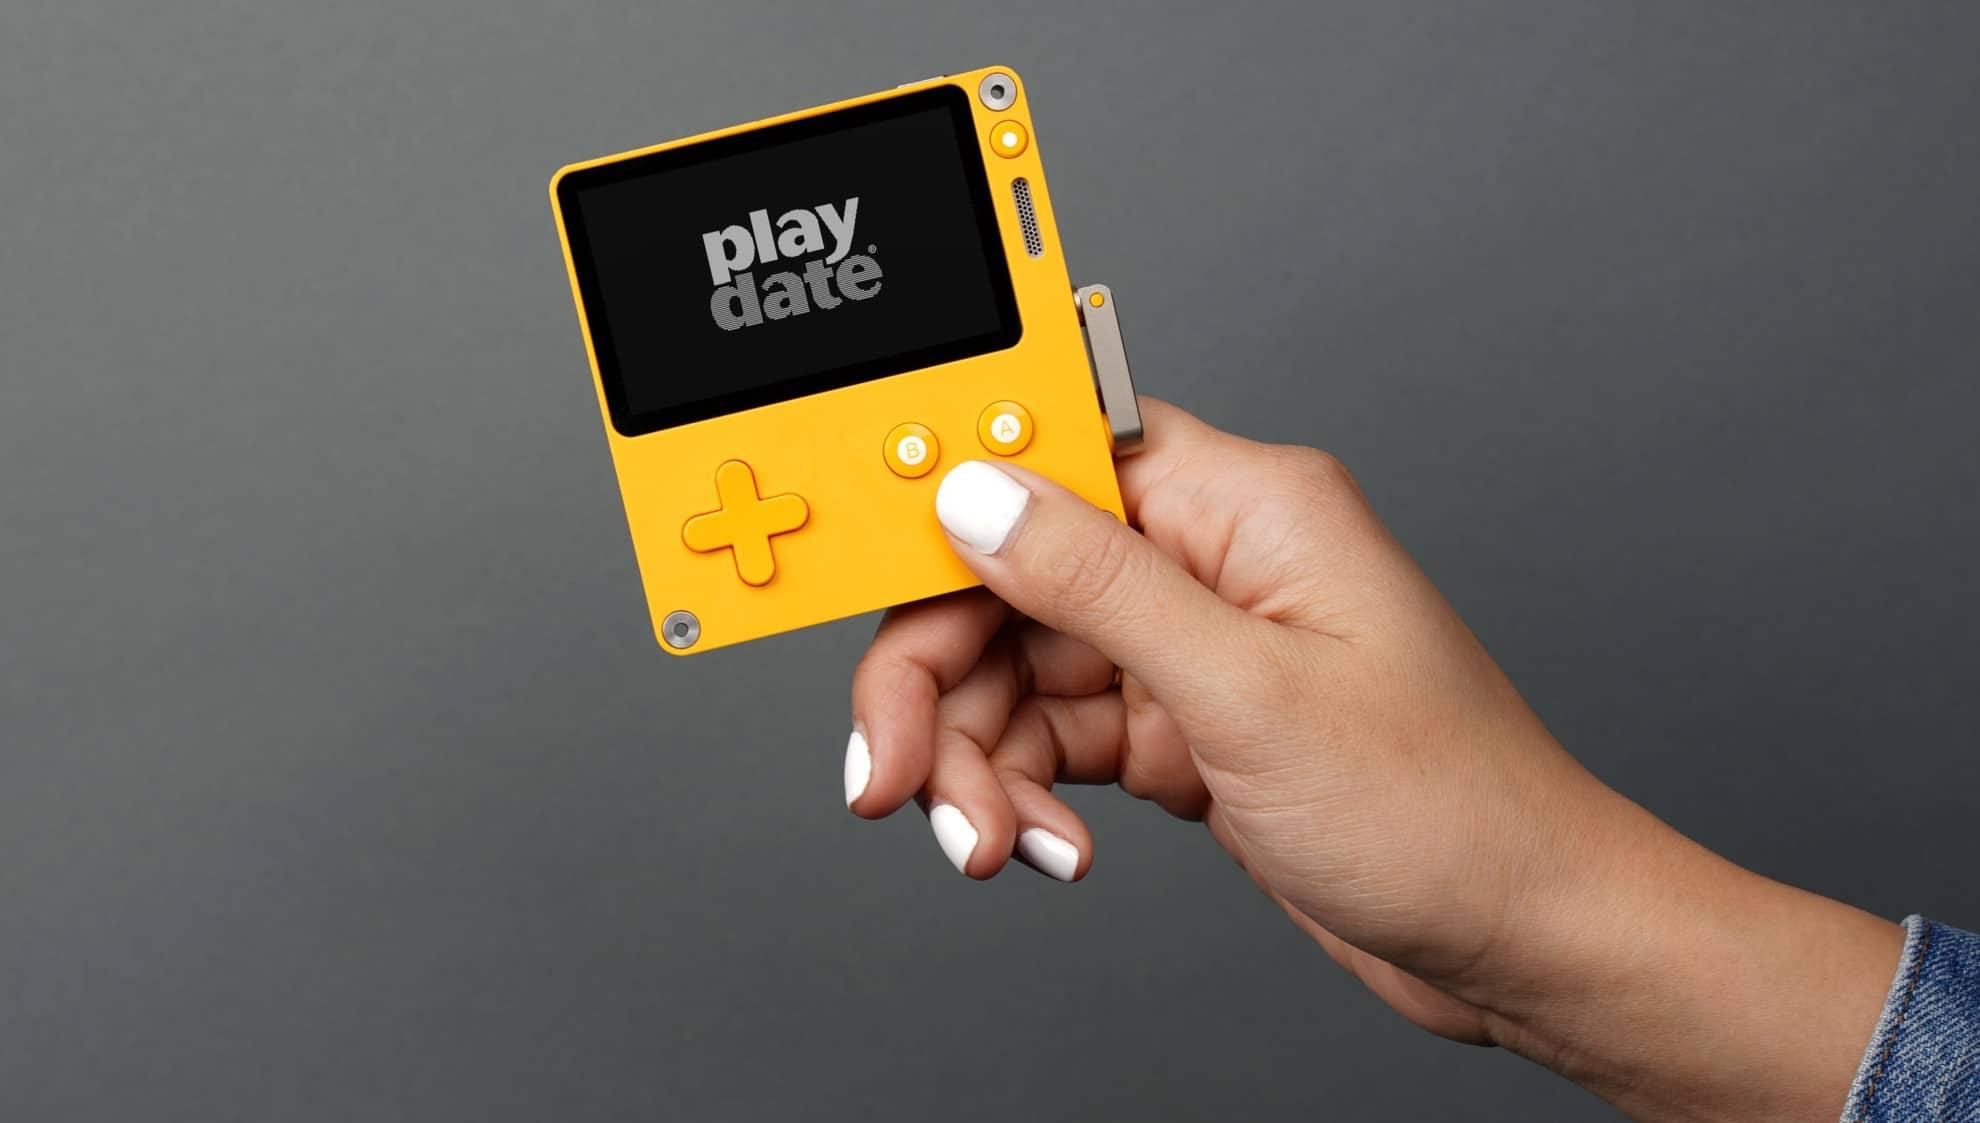 Playdate: Diese Handheld-Konsole liefert Spiele in Staffeln aus